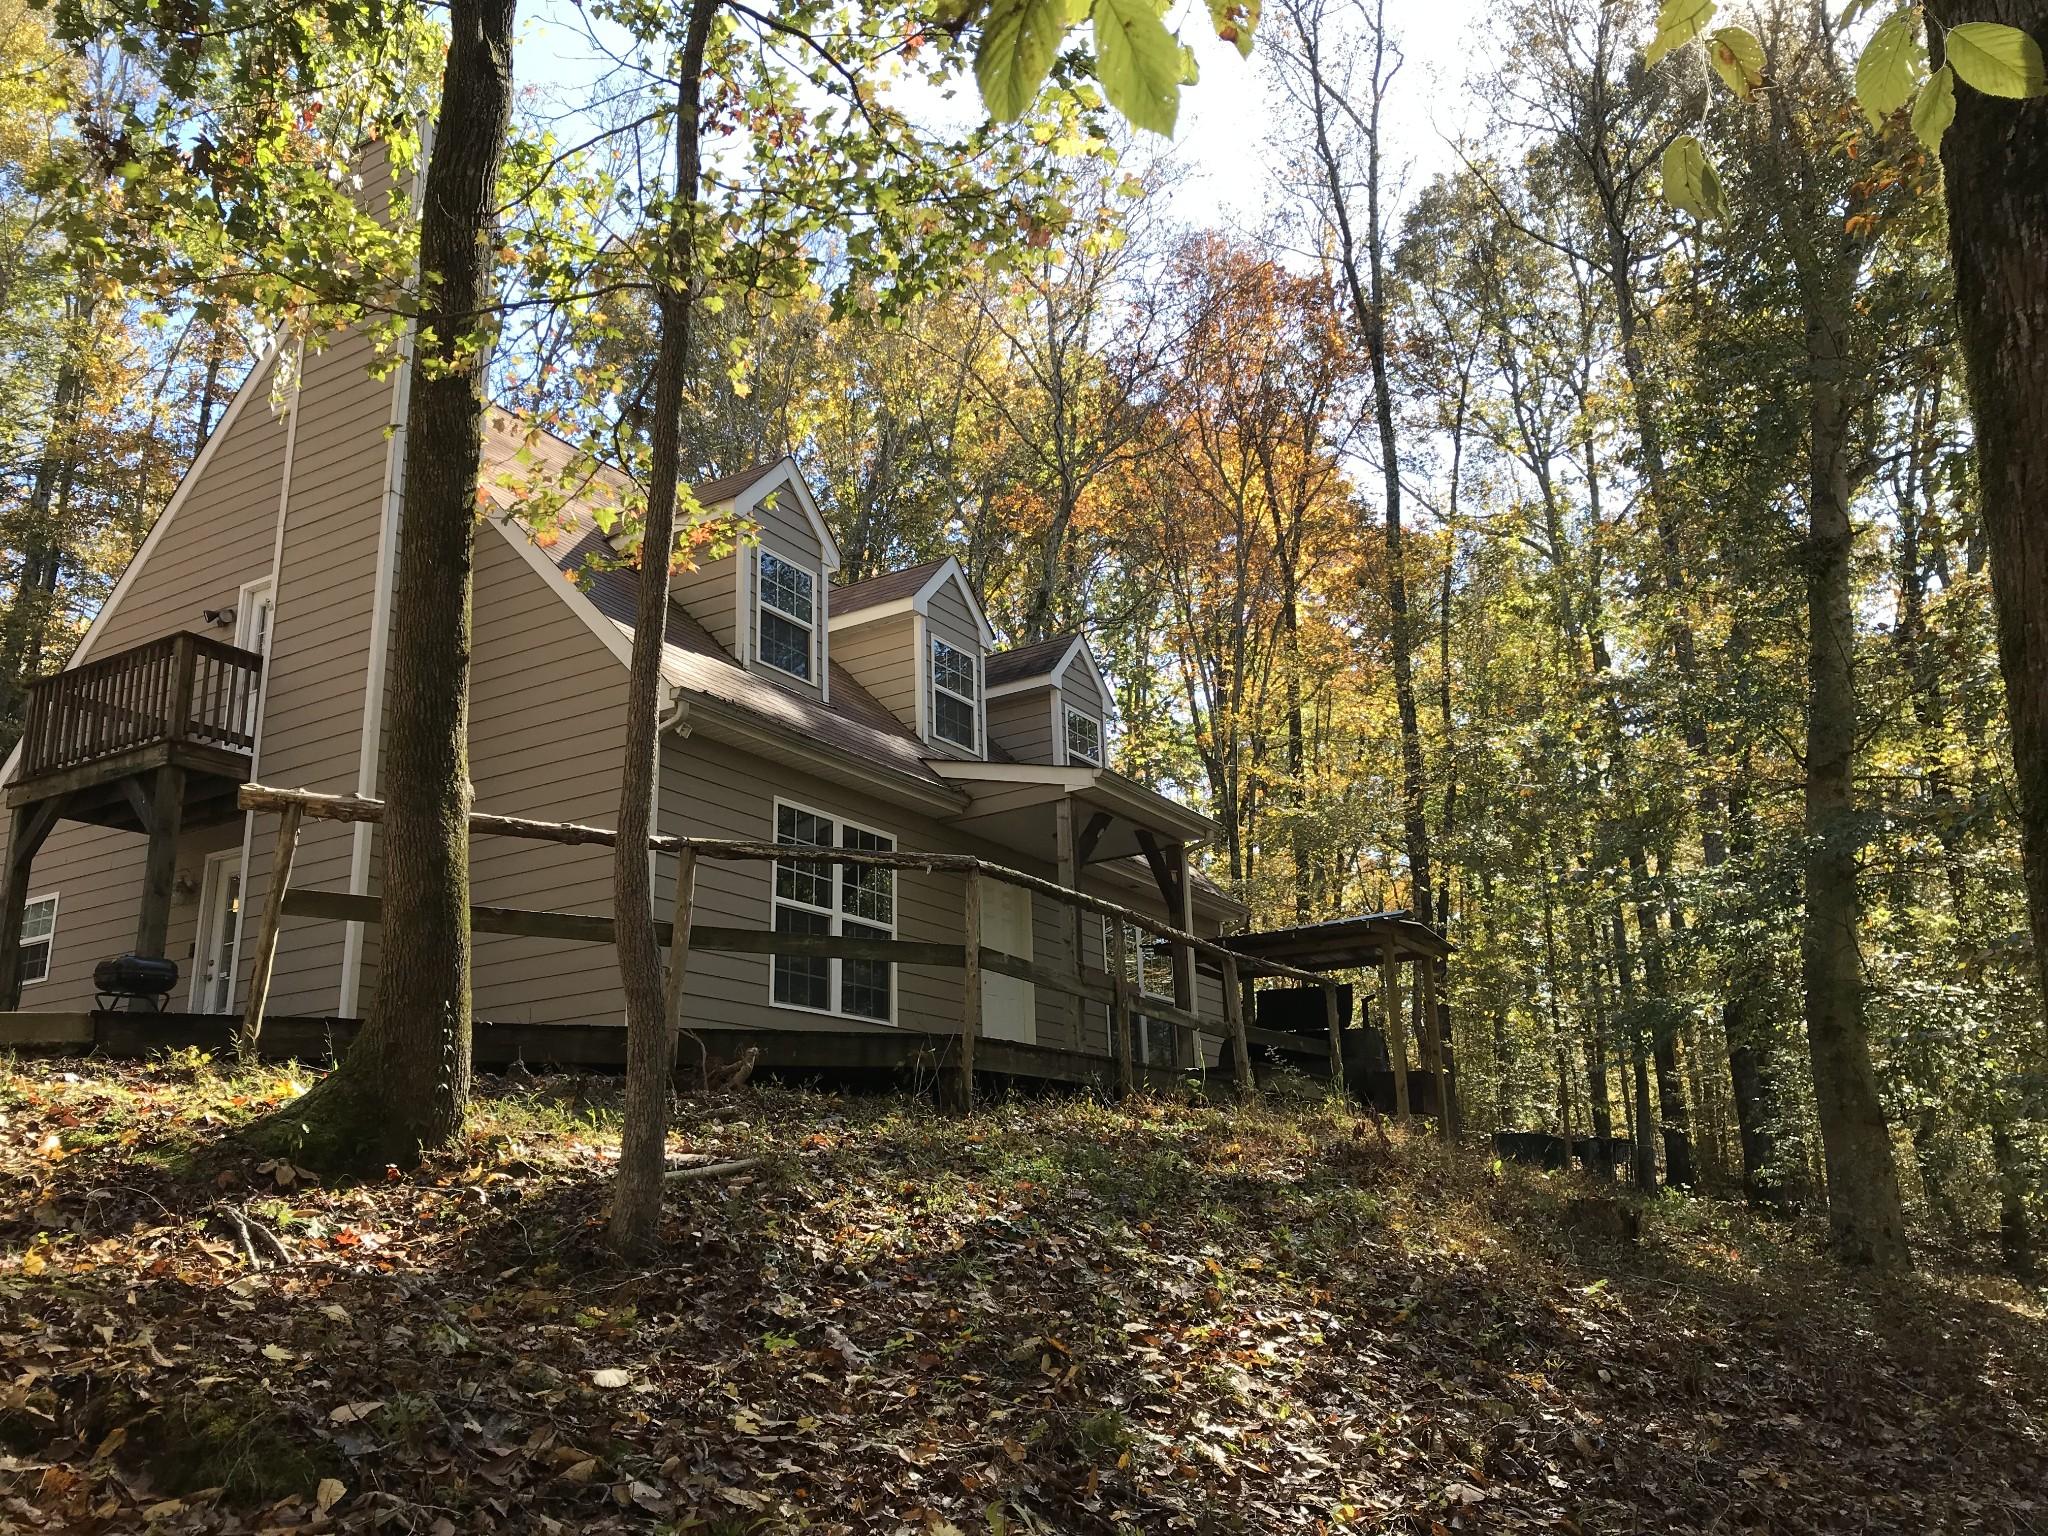 10950 Highway 438, W, Linden, TN 37096 - Linden, TN real estate listing